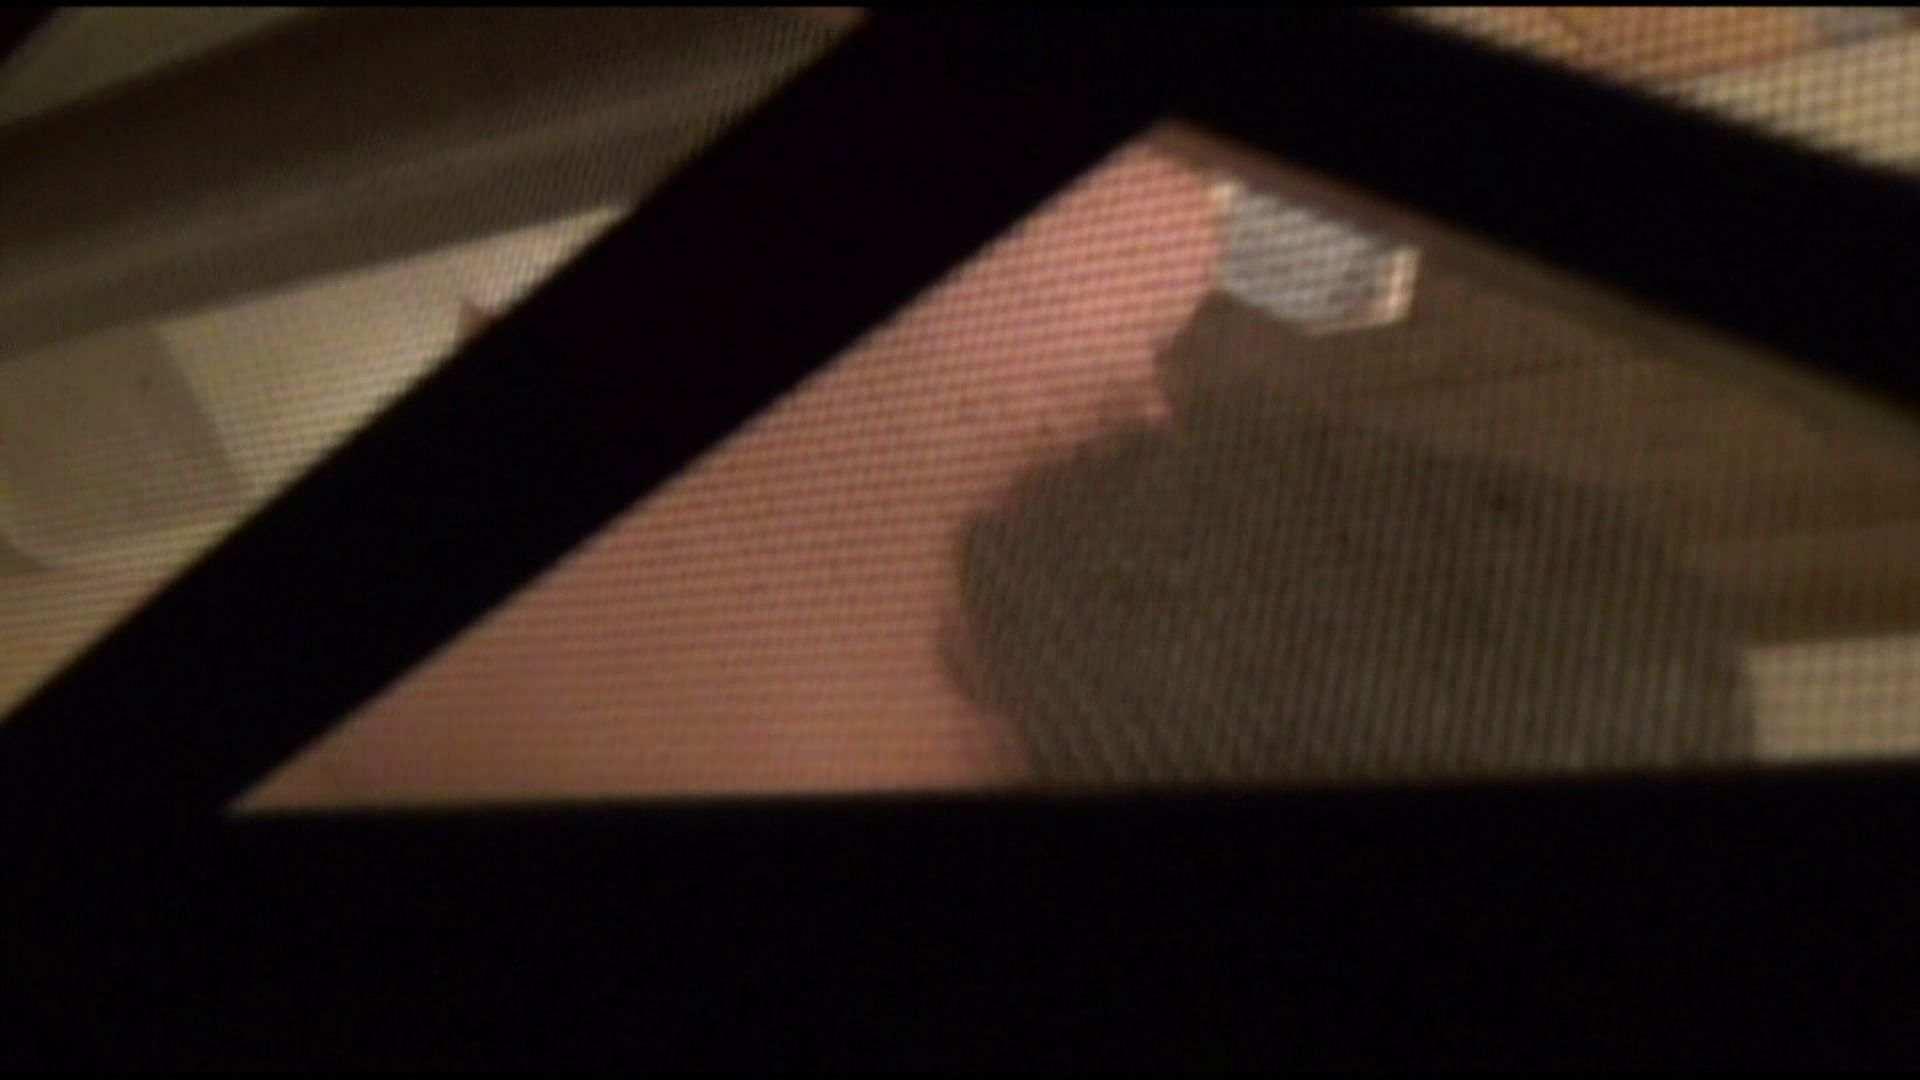 民家の騎士さんの最後の性戦ハイビジョン!!No.47 プライベート 盗み撮り動画 79画像 59